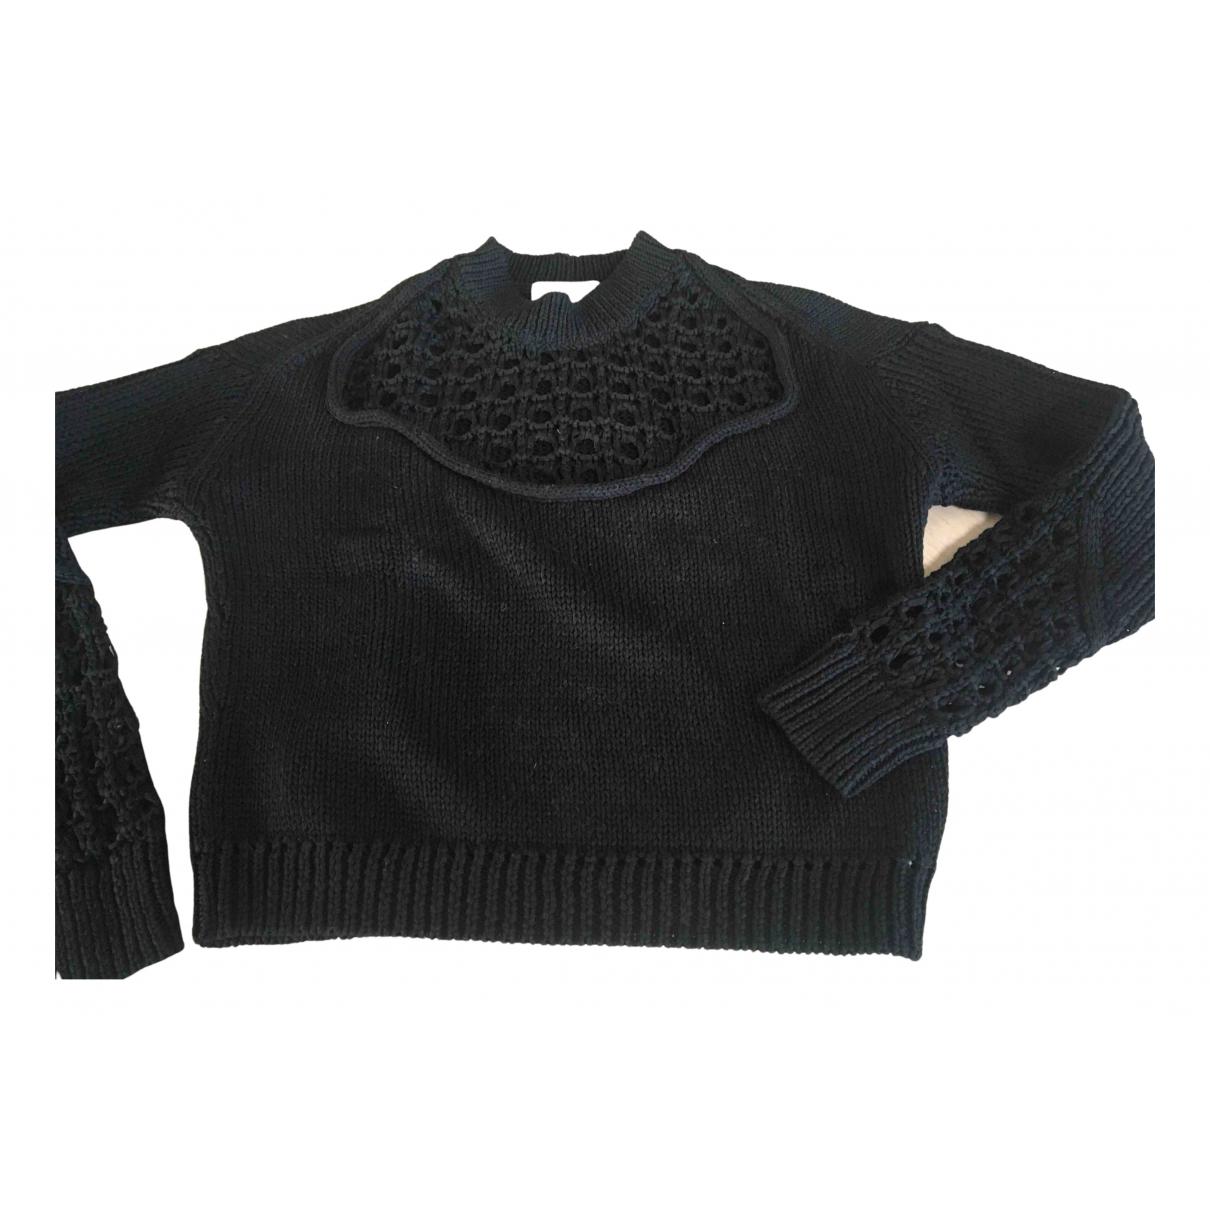 3.1 Phillip Lim - Pull   pour femme en coton - noir